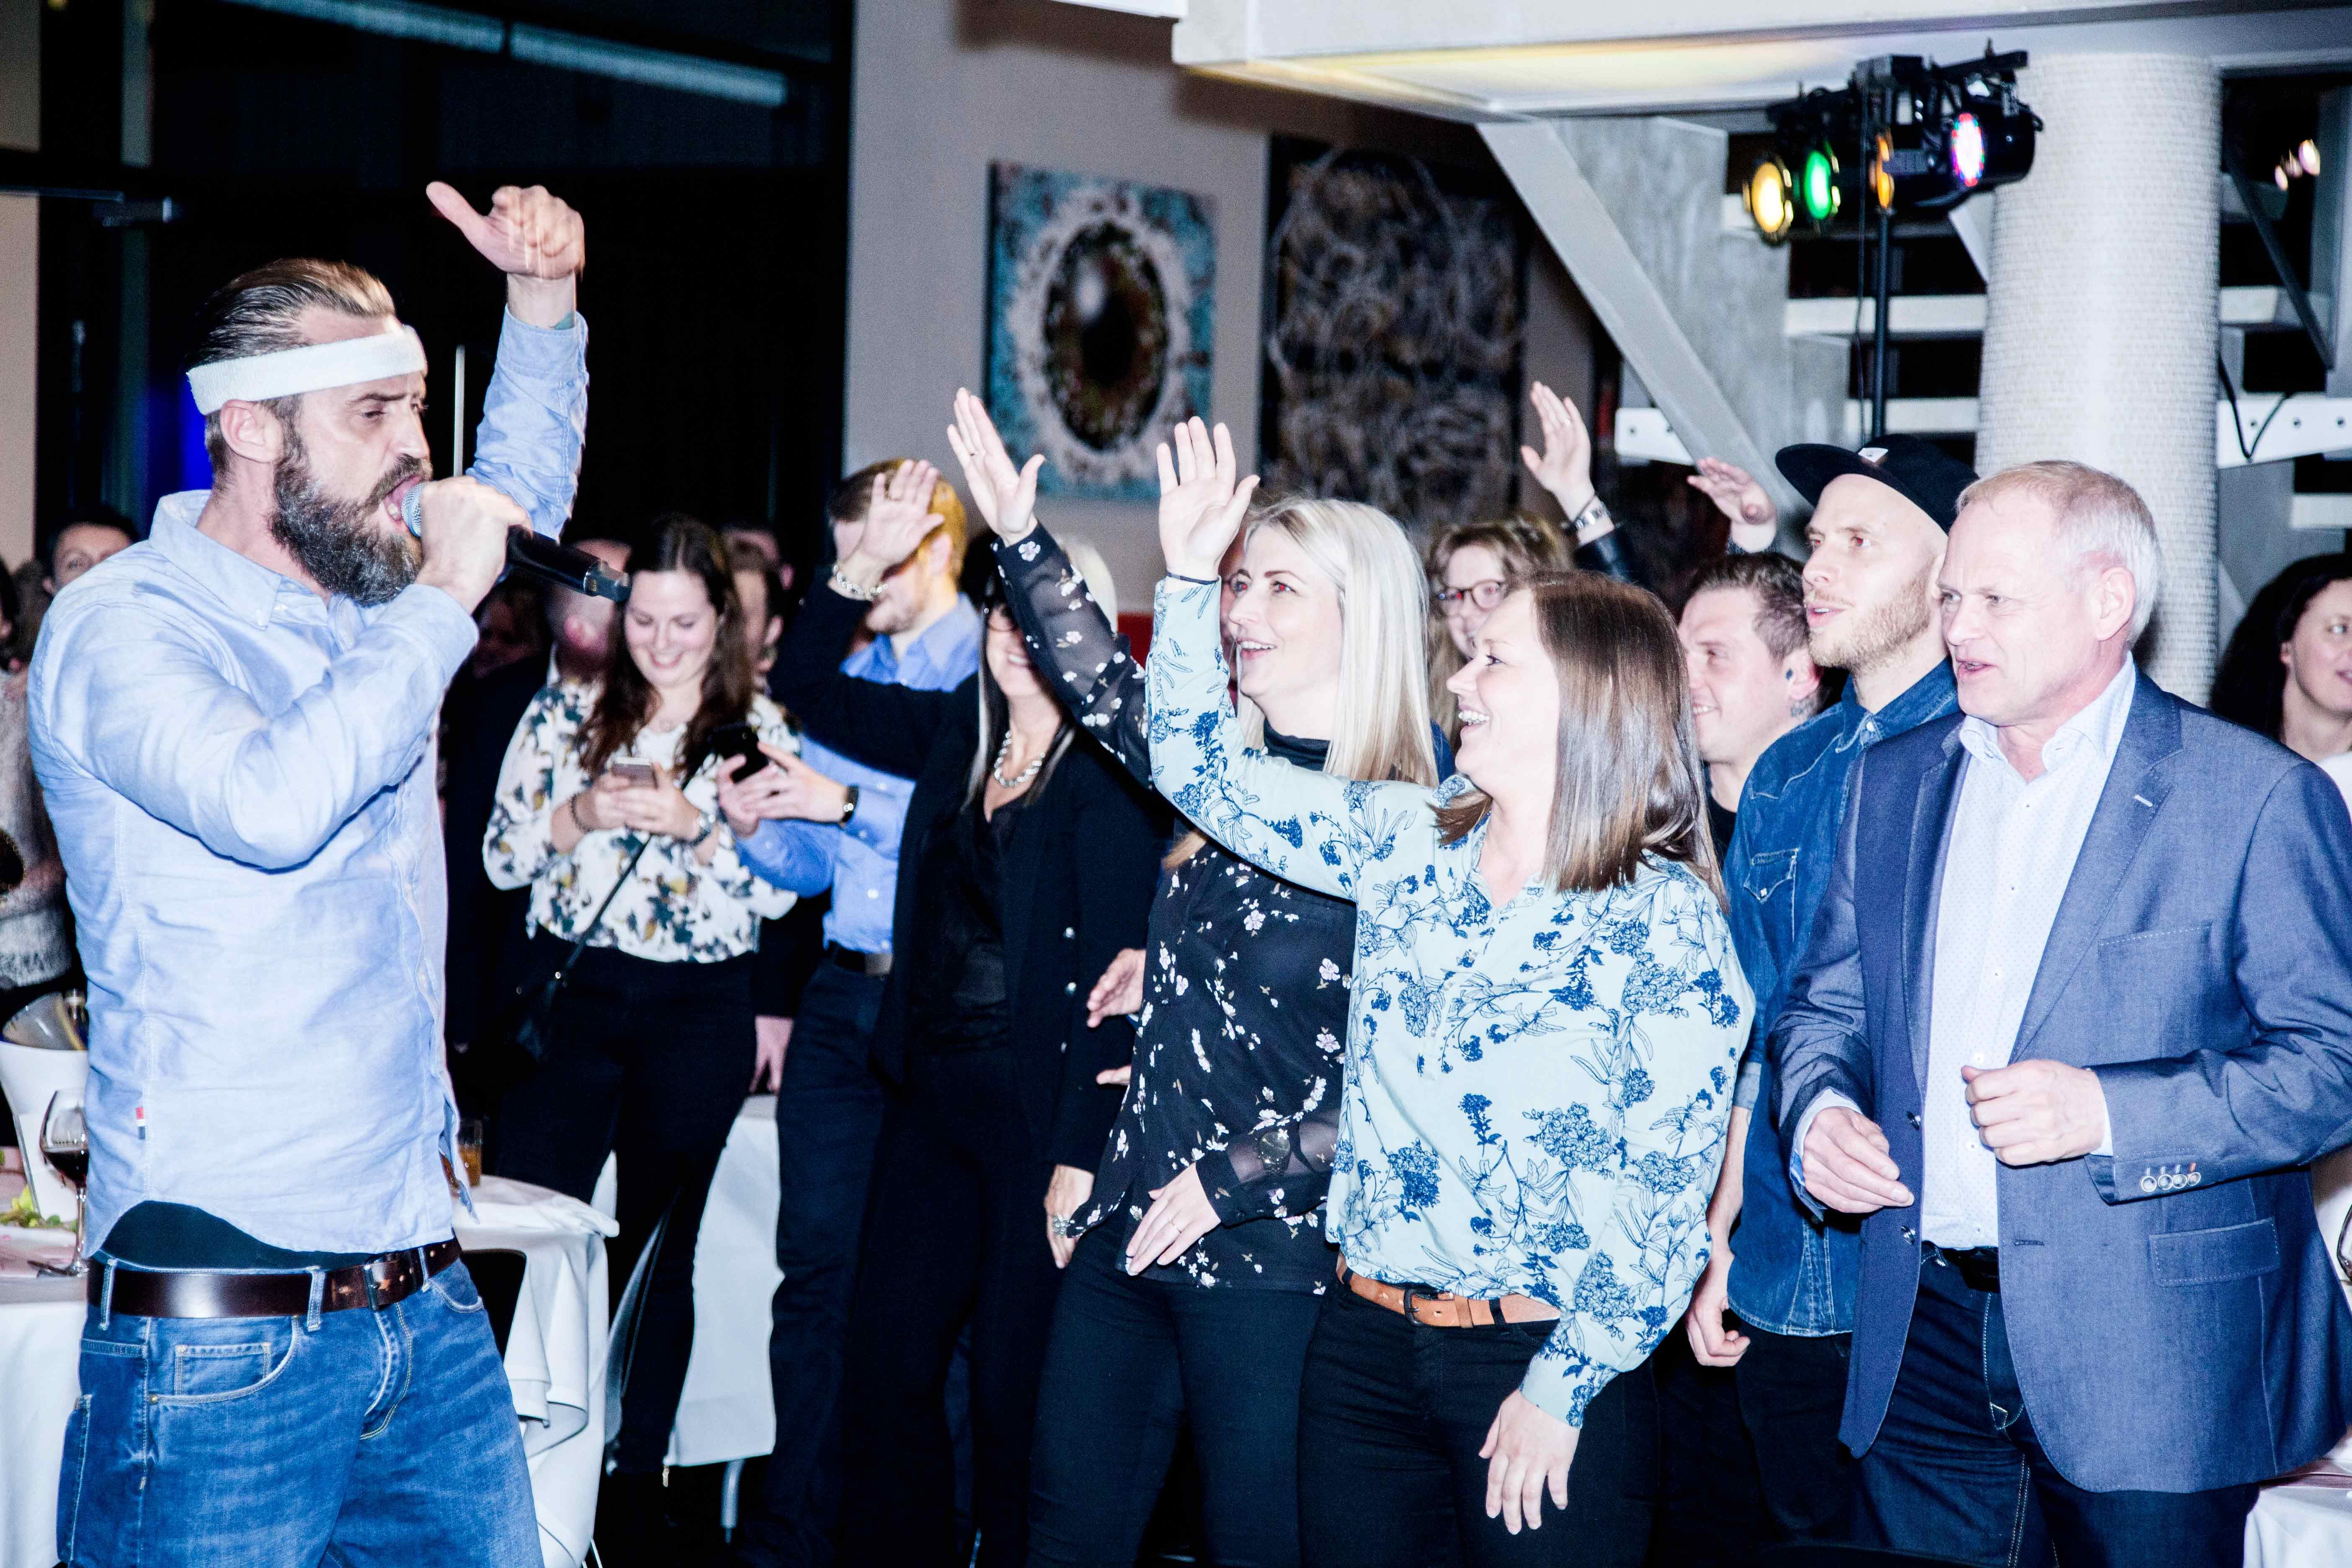 Velgørenheds-aften på Fusion samlede 140.000 ind til Red Barnet Aalborg